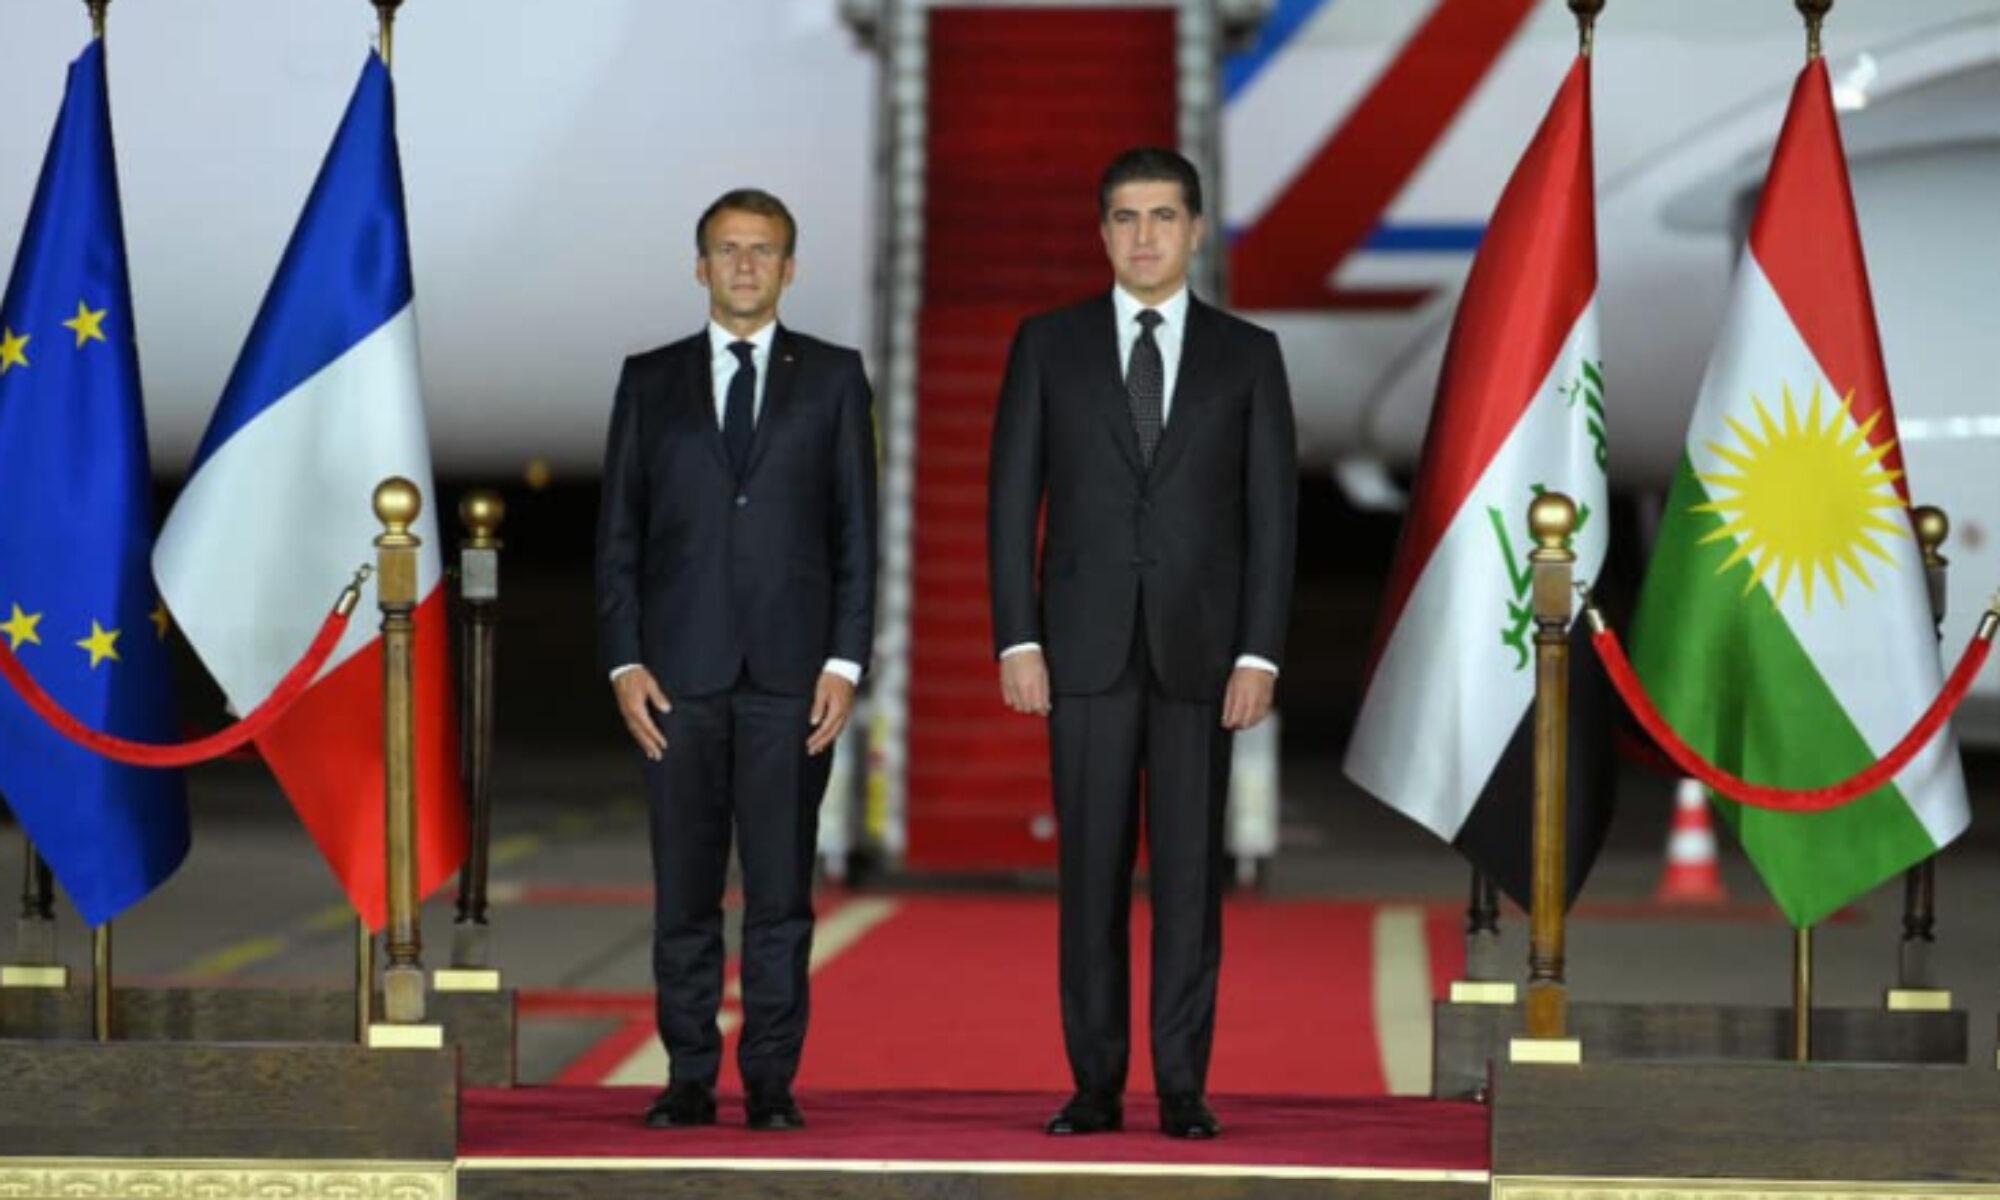 Macron Kürdistan Bölgesini ziyaret eden ikinci Fransız Cumhurbaşkanı